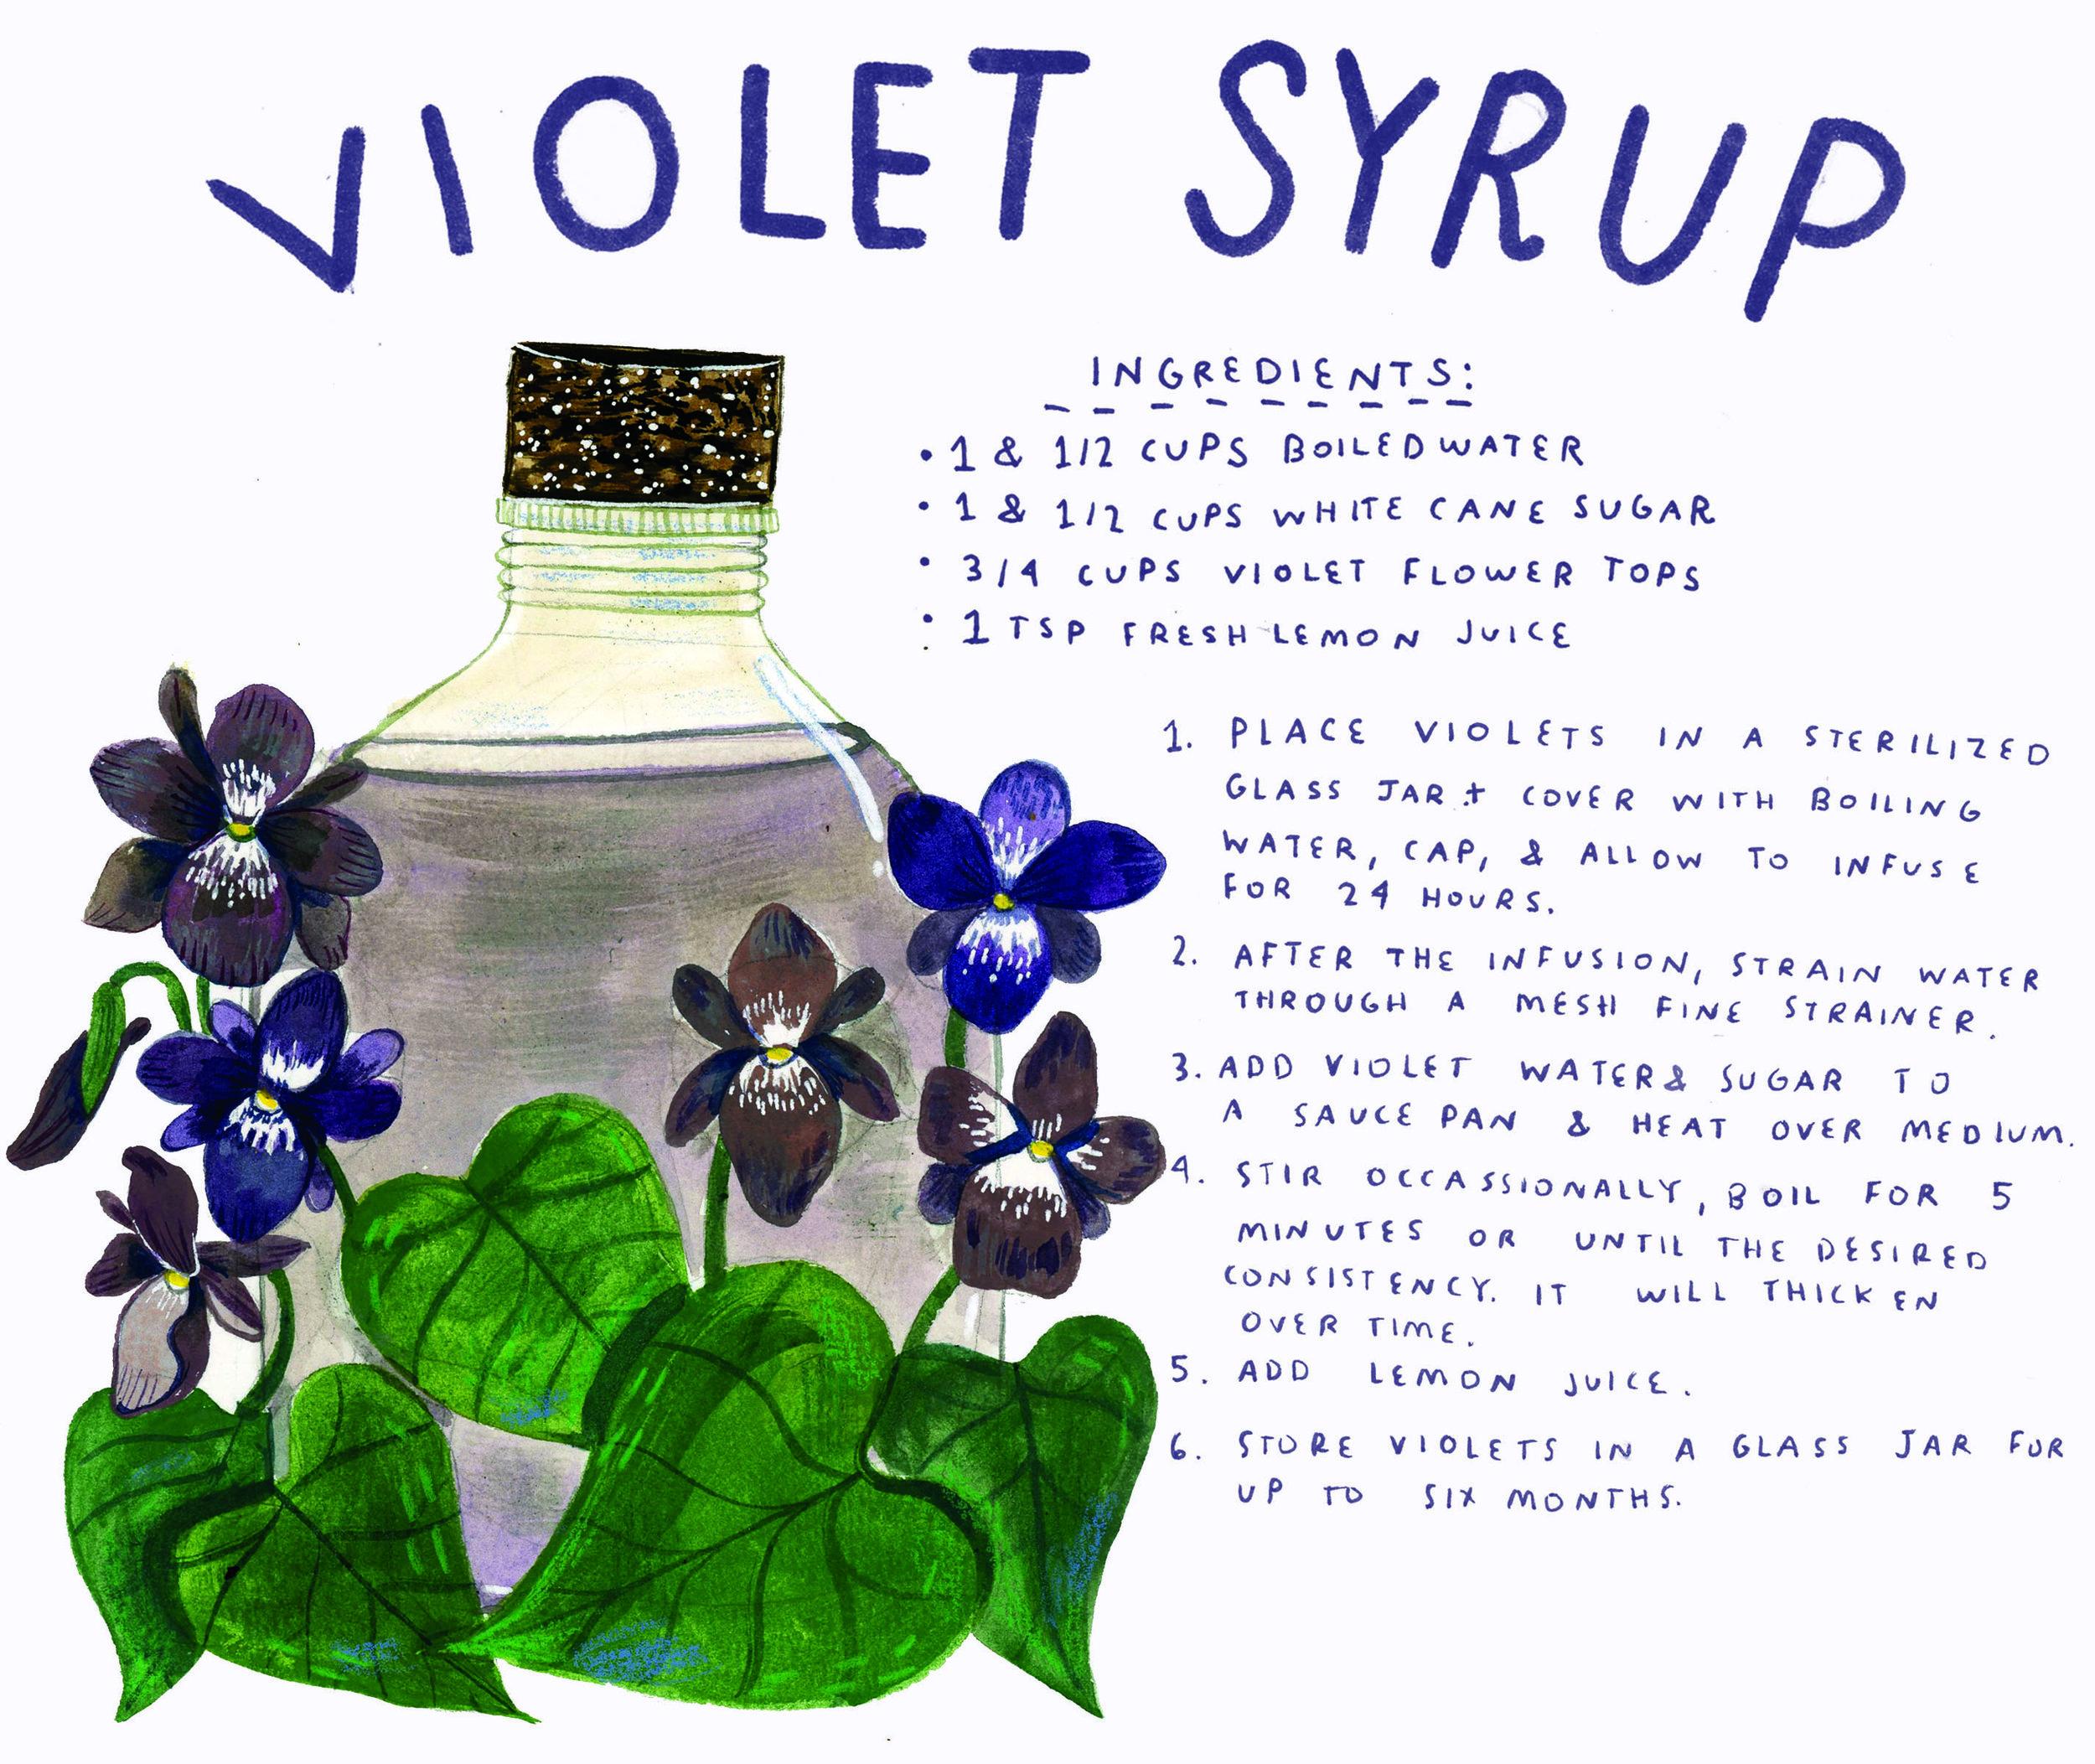 violetsyrup.jpg